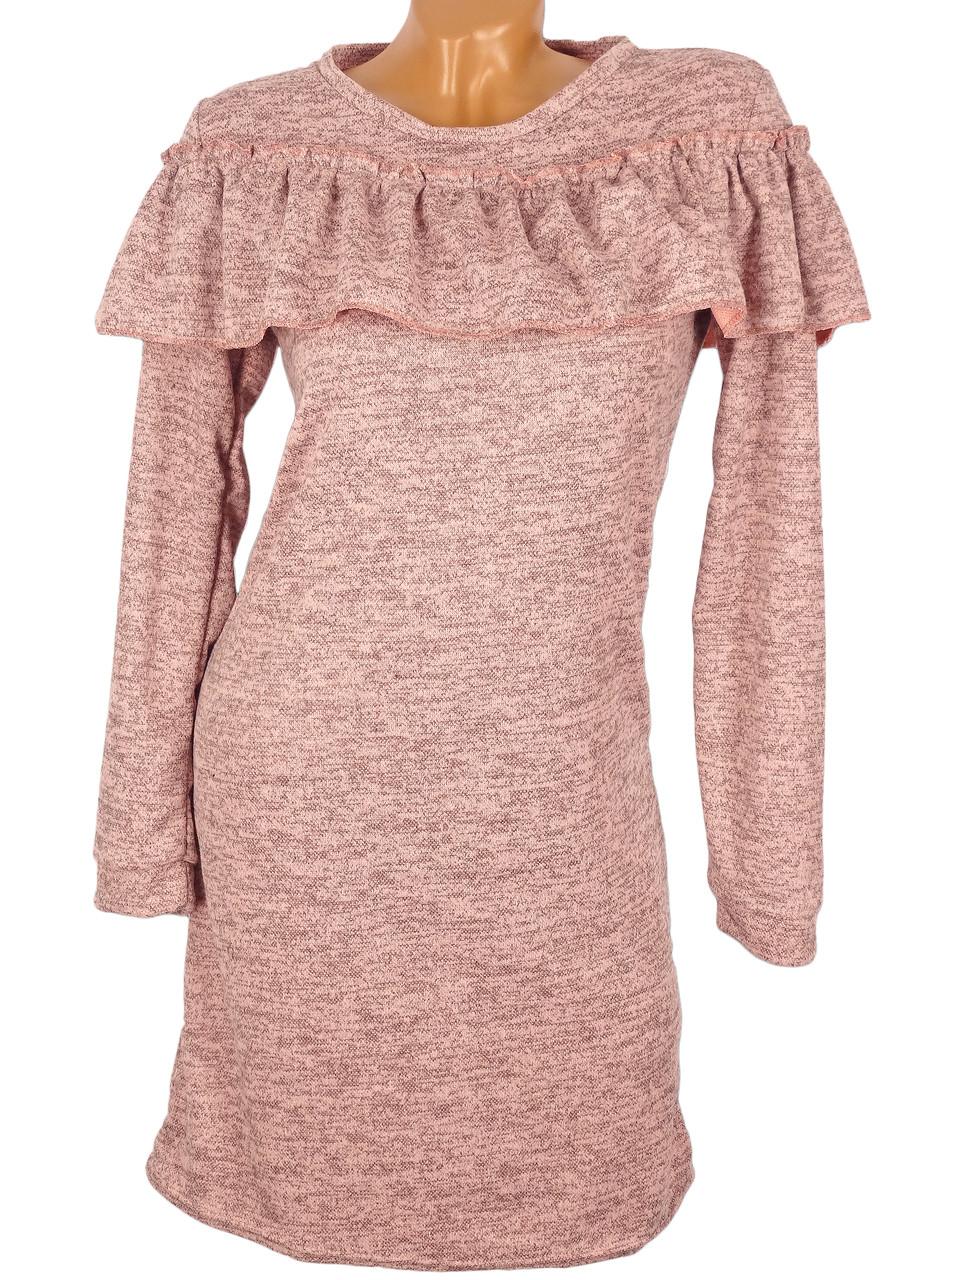 Трикотажное платье меланж 46